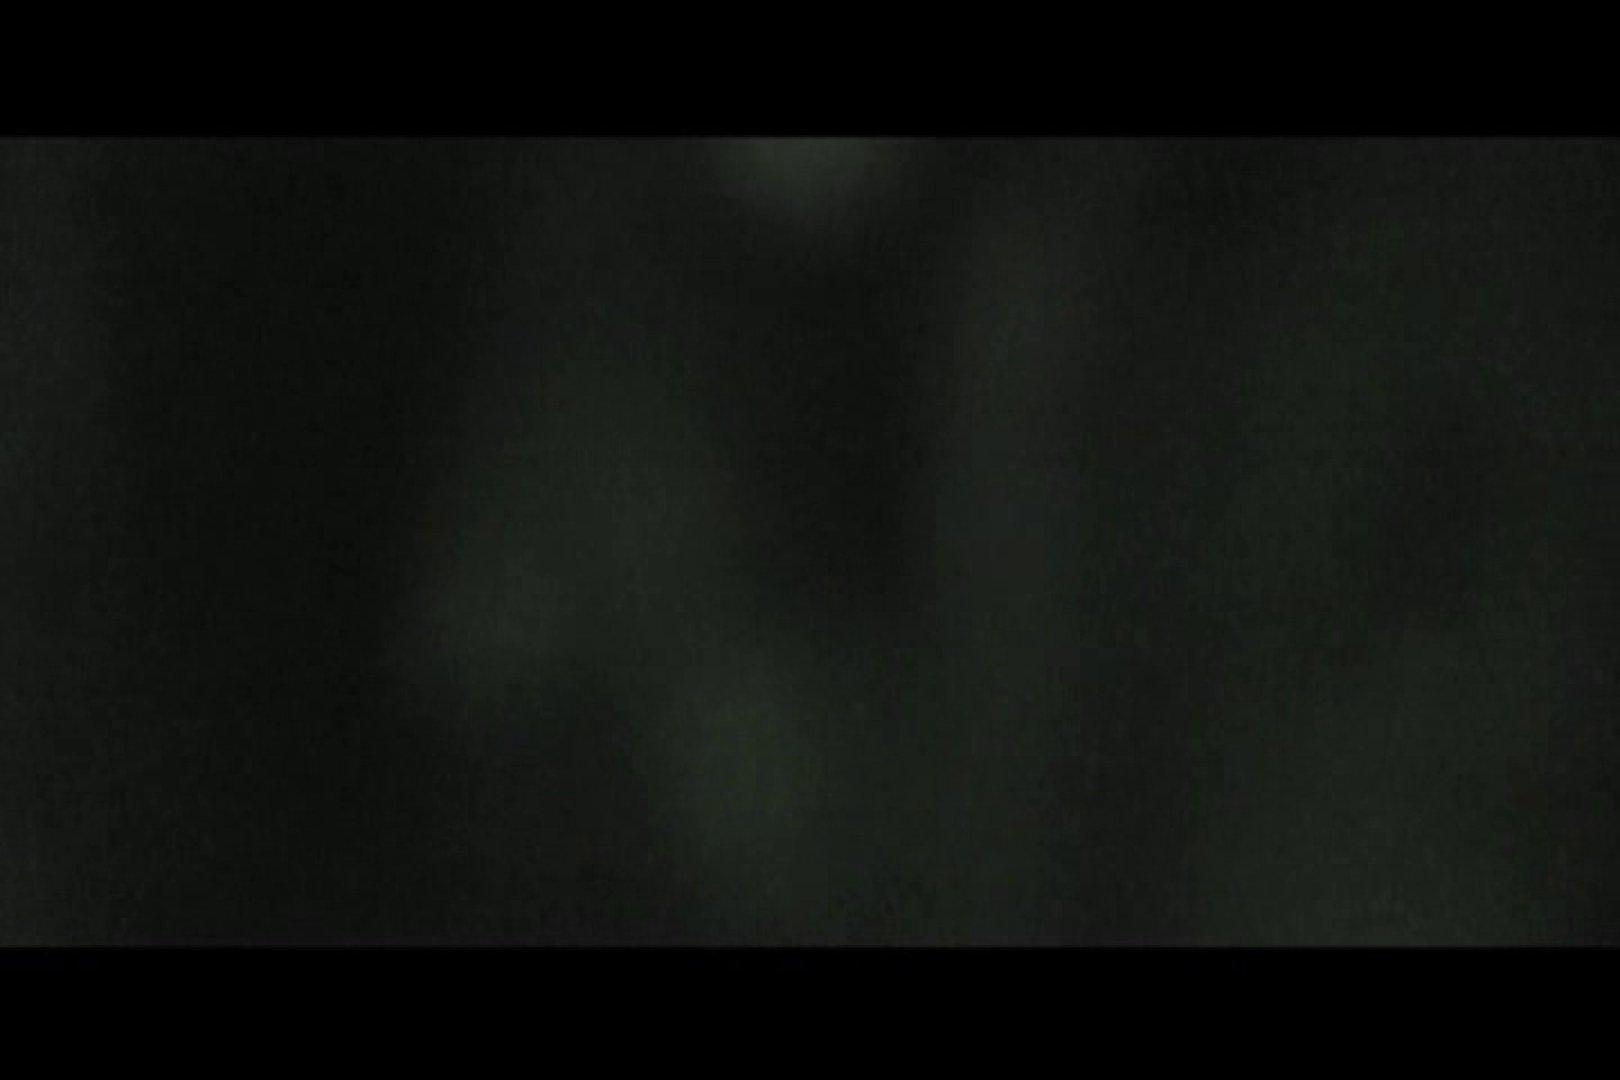 独占配信!無修正! 看護女子寮 vol.11 巨乳 アダルト動画キャプチャ 71pic 43